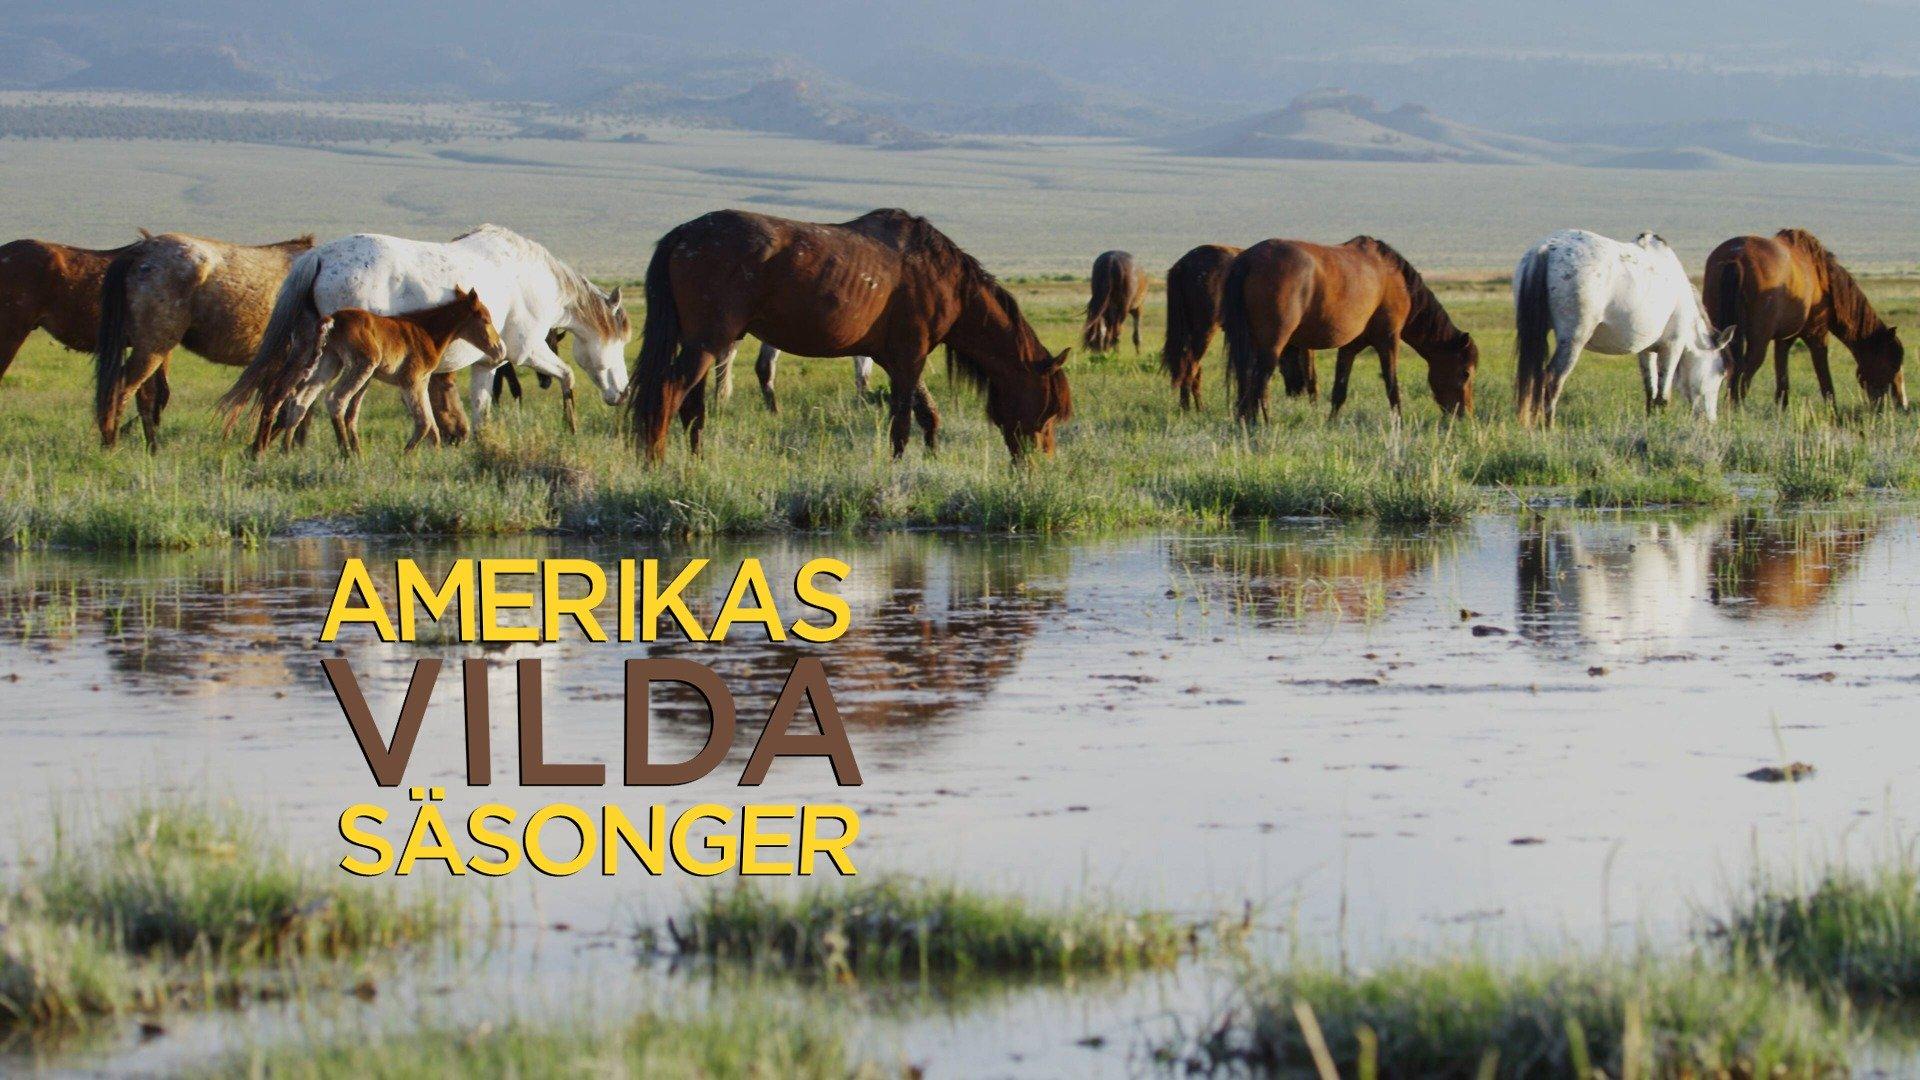 Amerikas vilda säsonger